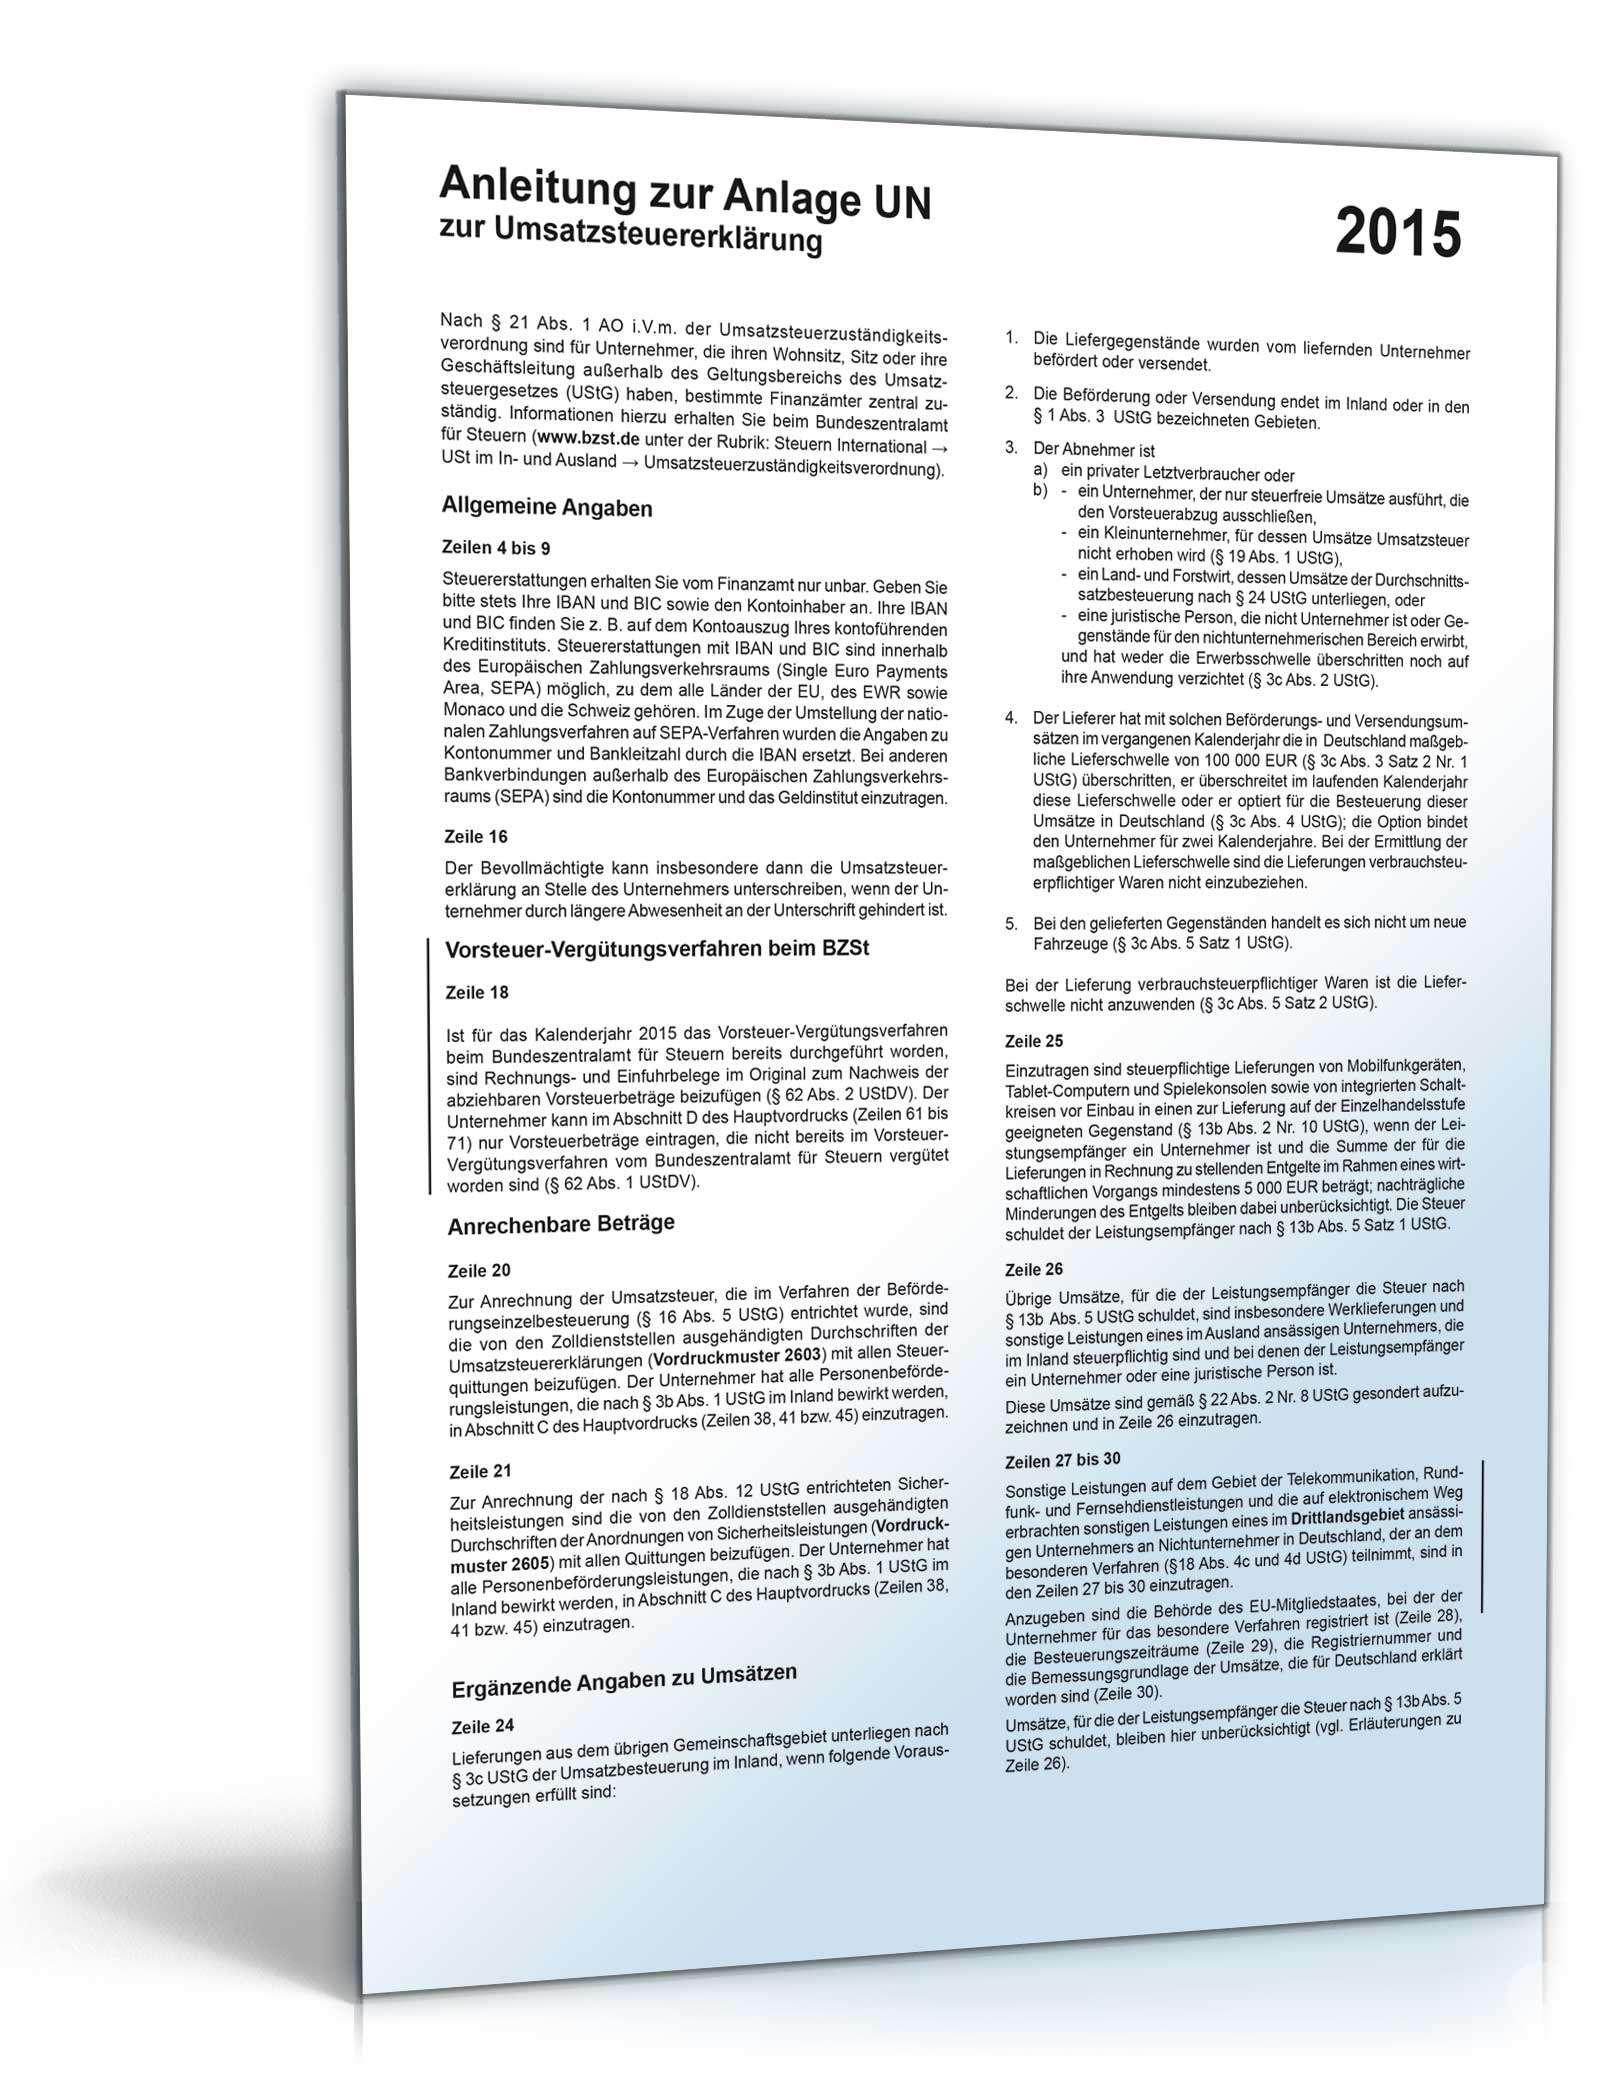 Download archiv dokumente deutschland dokumente vorlagen - Amtliche afa tabelle 2016 ...